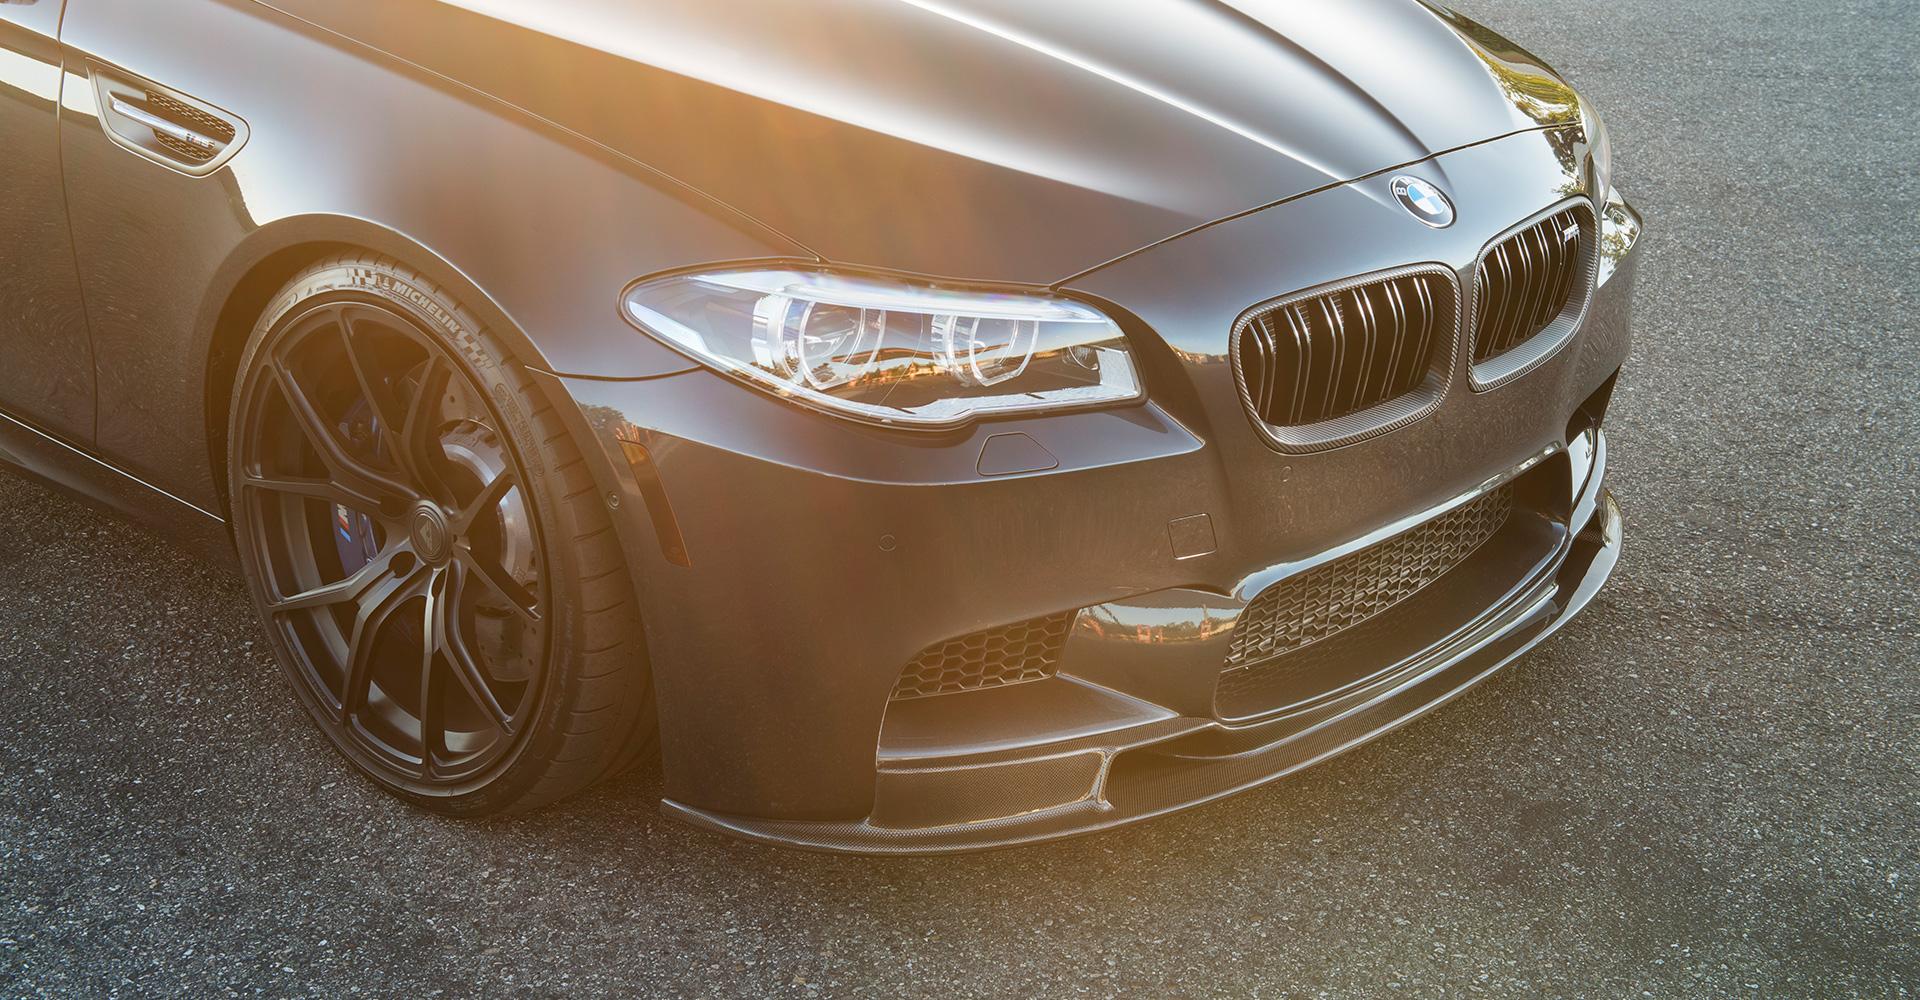 Vorsteiner Front Lip Spoiler For The BMW F10 M5 Image 2